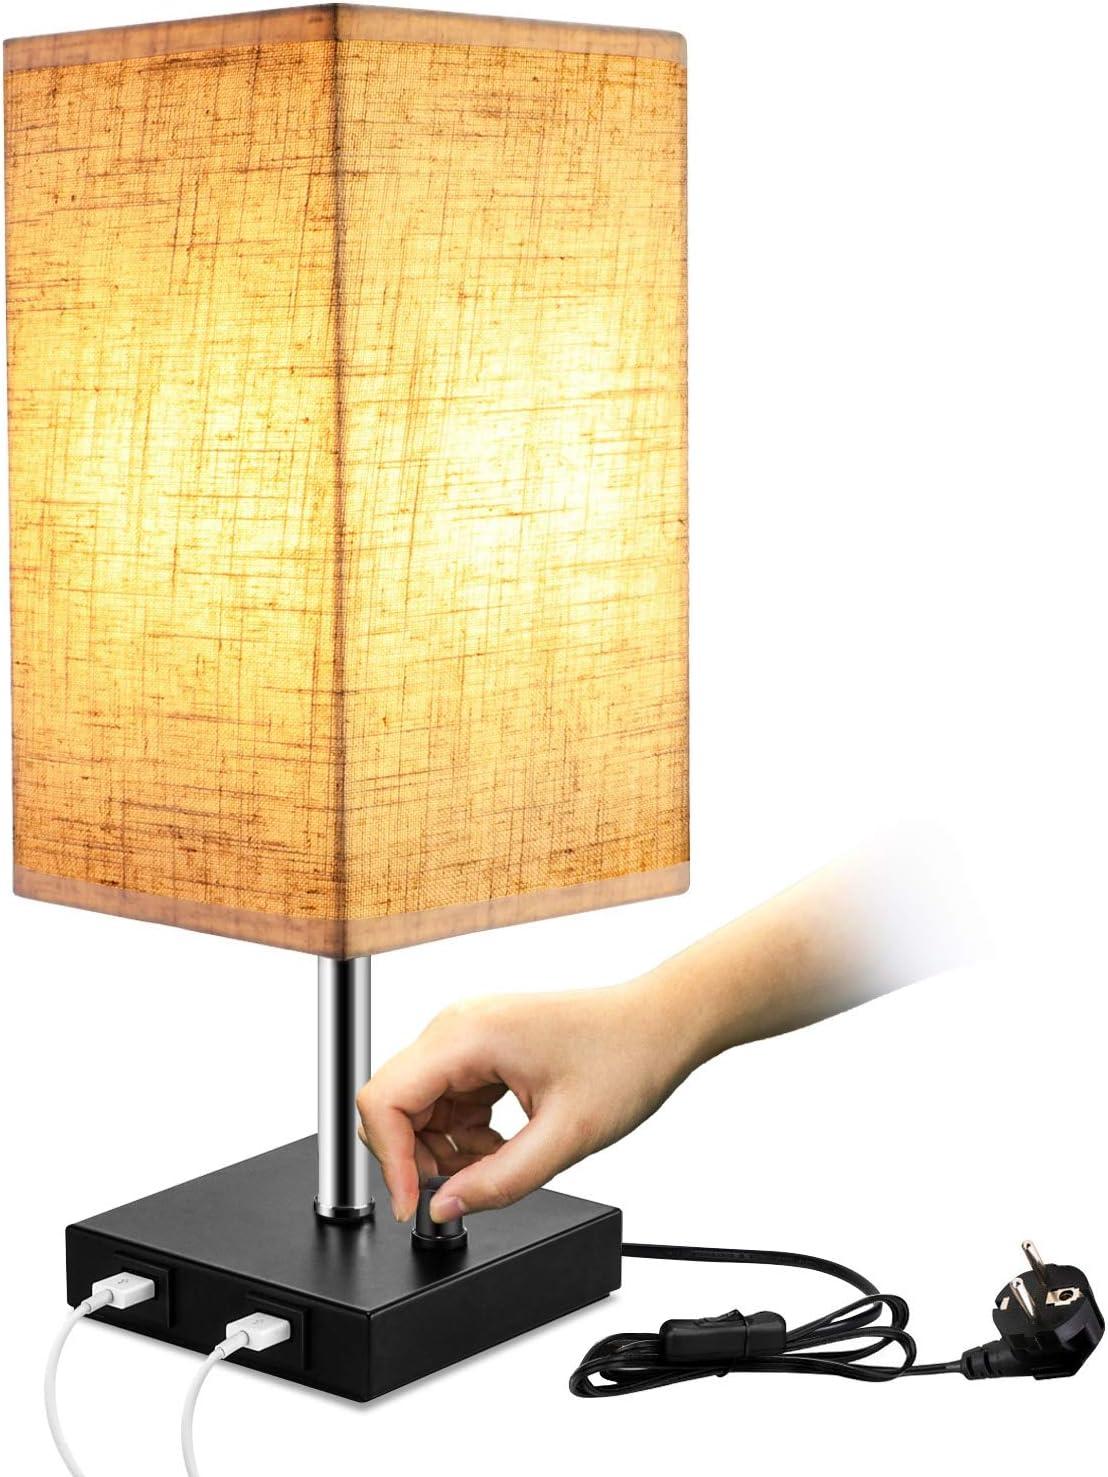 Soggiorno Caffetteria Lightess Lampada da Comodino Paralume in Tessuto Luminosit/à Regolabile Lampada da Tavolo 2 Porte di Ricarica USB Lampada da Notte Vintage per Camera da Letto Rotonda